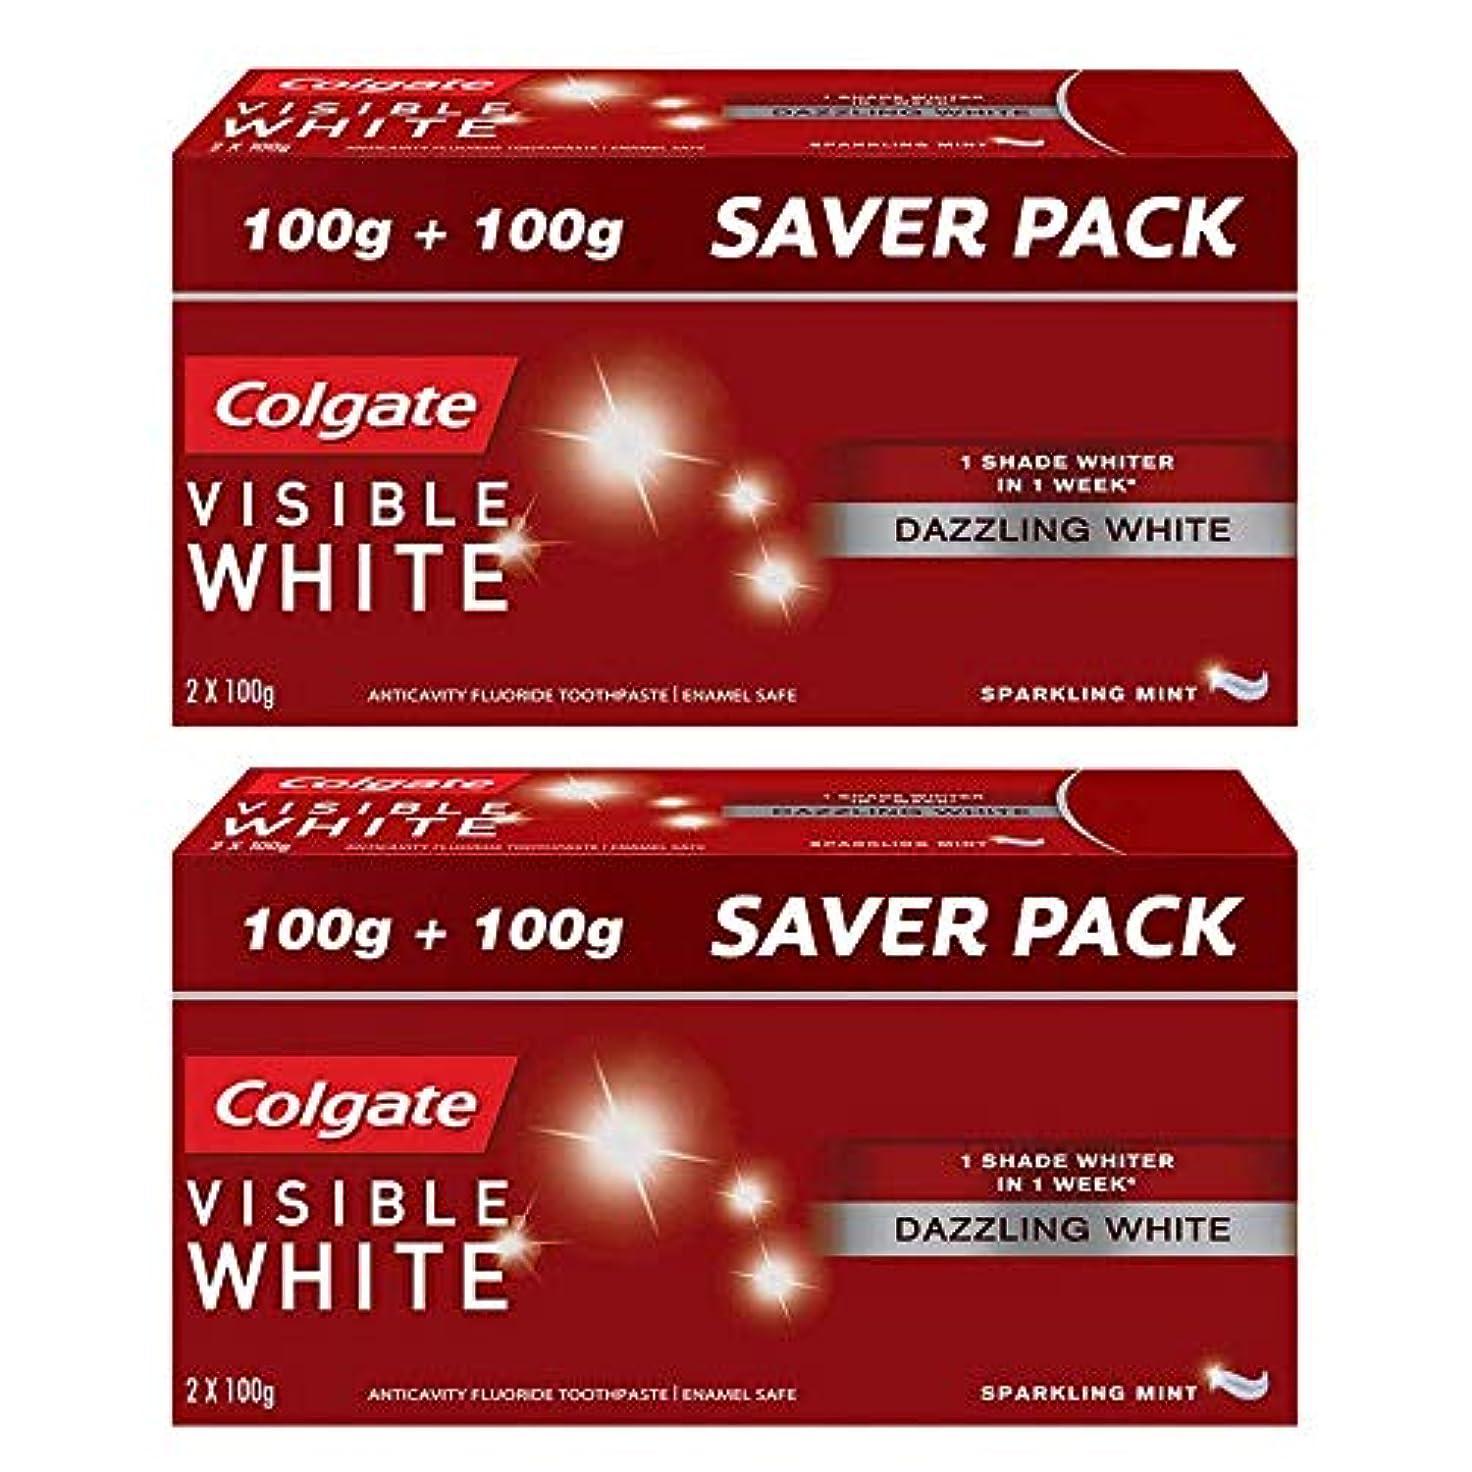 逆説ジョージスティーブンソン立法Colgate Visible White Dazzling White Toothpaste, Sparkling Mint - 200gm (Pack of 2)